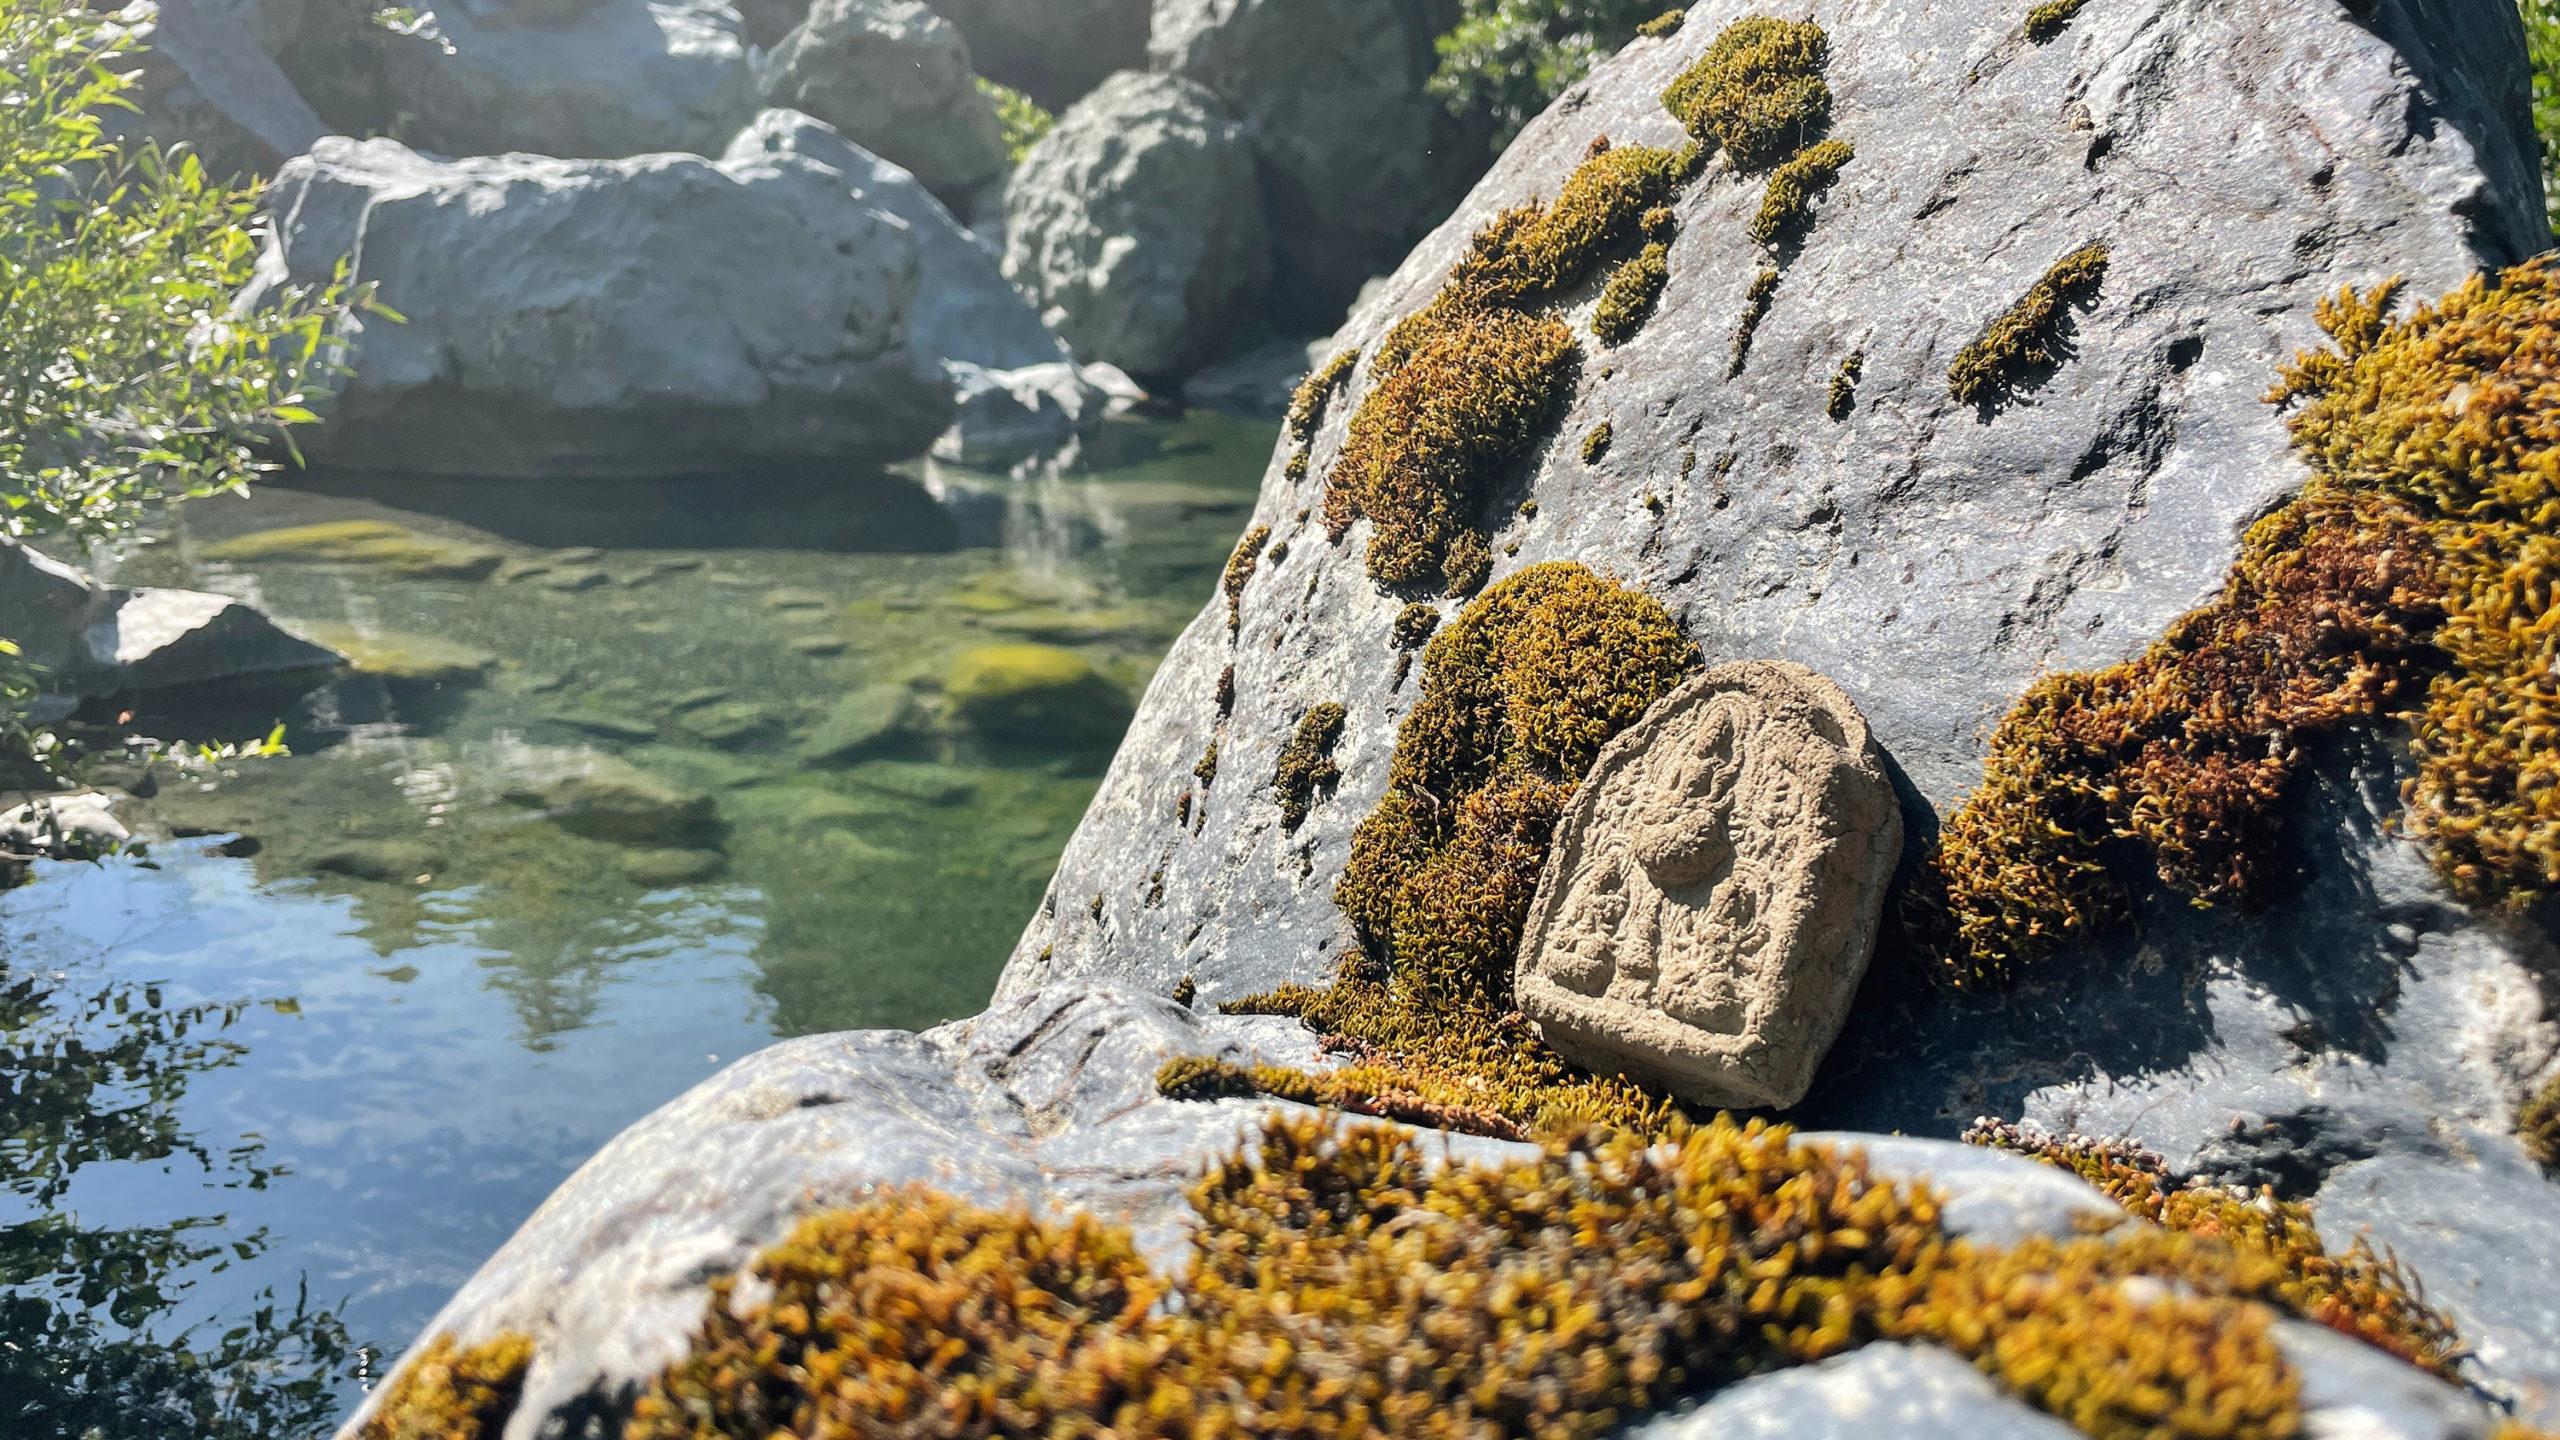 A tsa-tsa of Tara on a moss covered rock by a creek